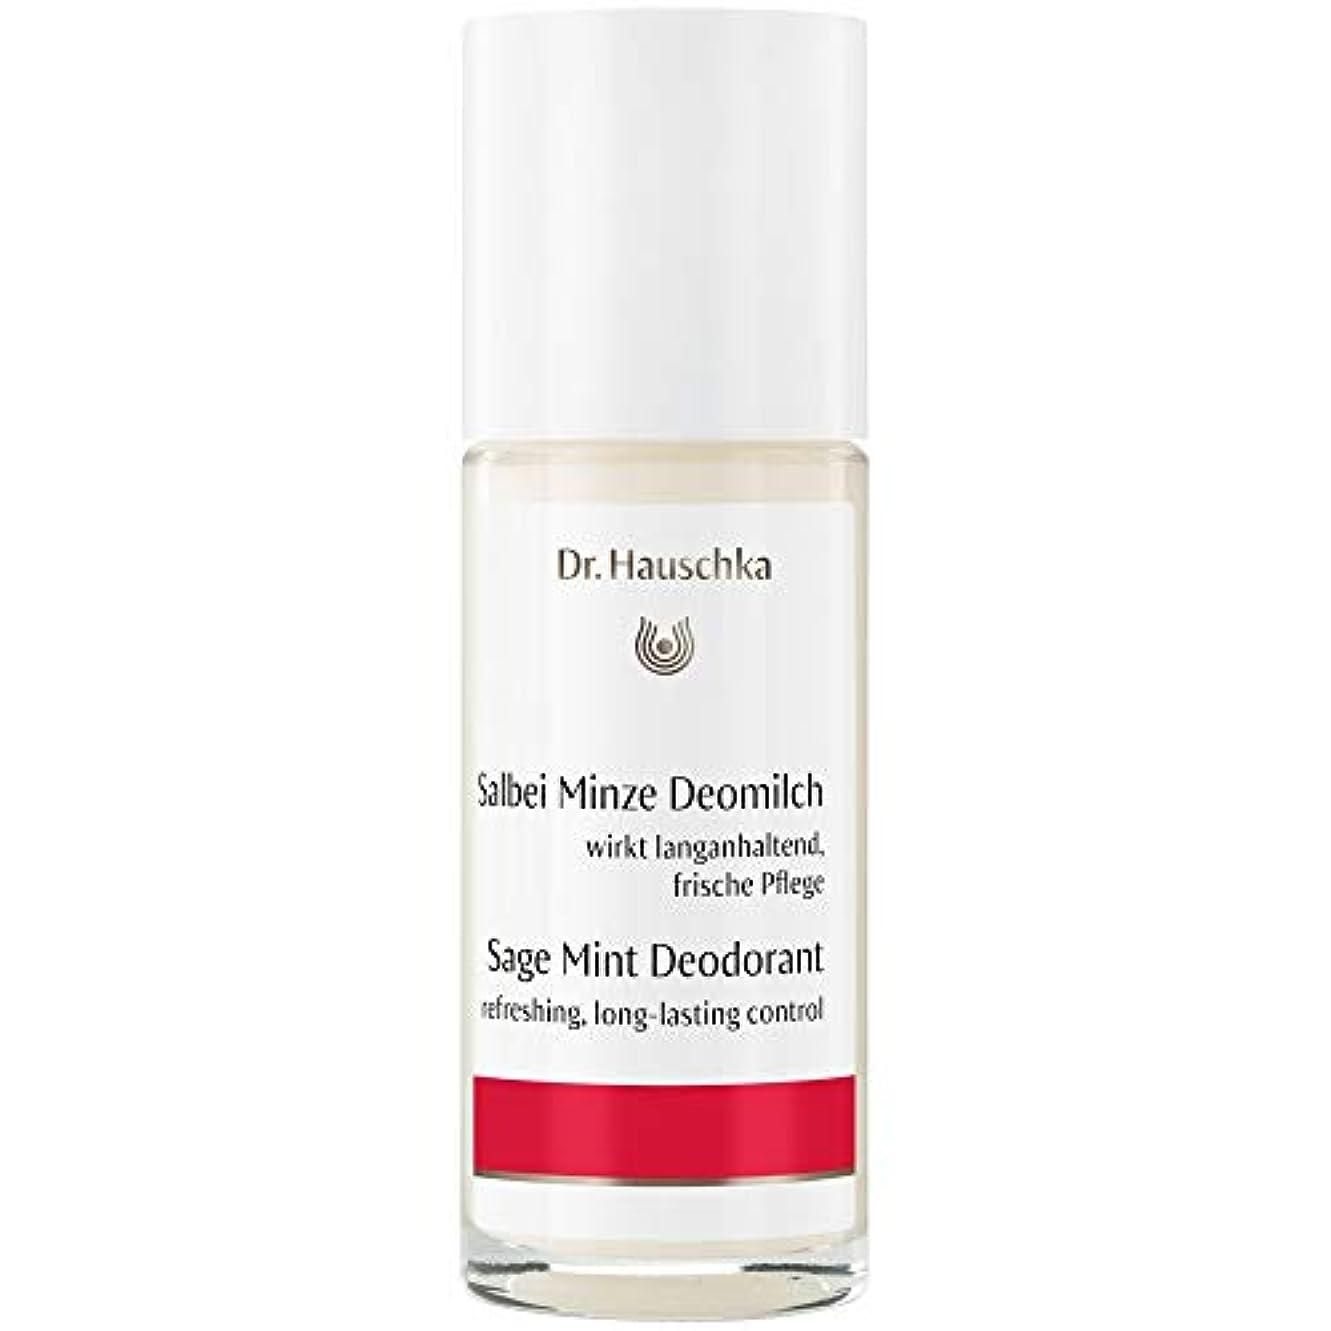 拒絶する逆さまにコンチネンタル[Dr Hauschka] Drハウシュカの消臭新鮮なロールオン50ミリリットル - Dr Hauschka Deodorant Fresh Roll-On 50ml [並行輸入品]